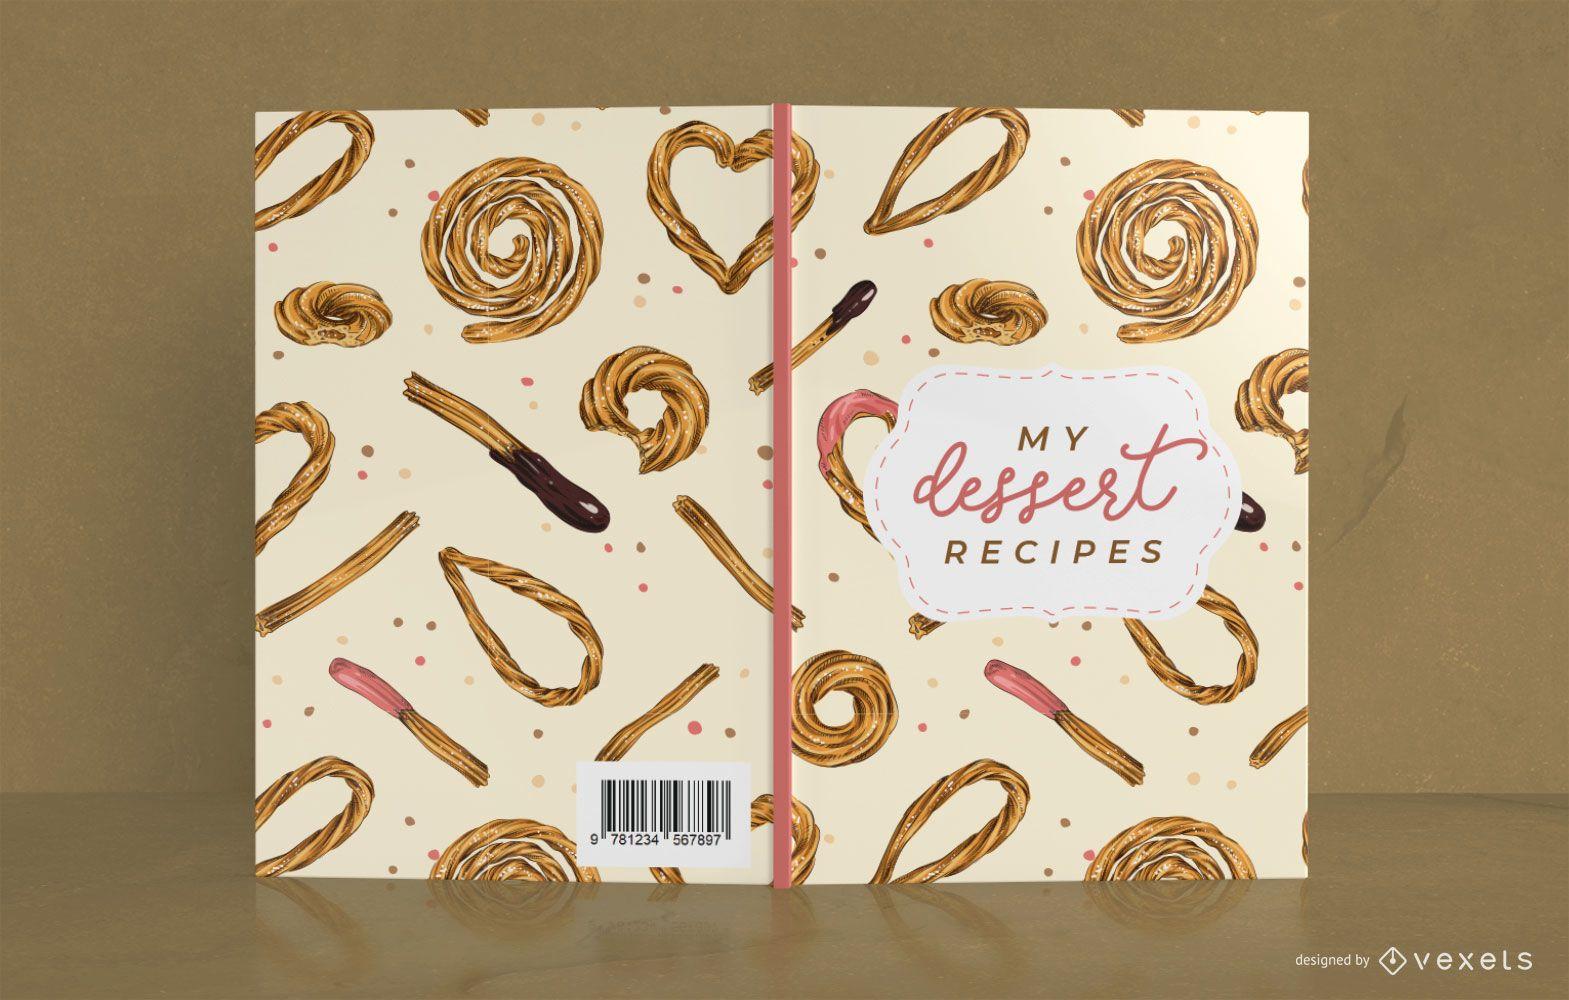 Design de capa de livro de receitas de sobremesas